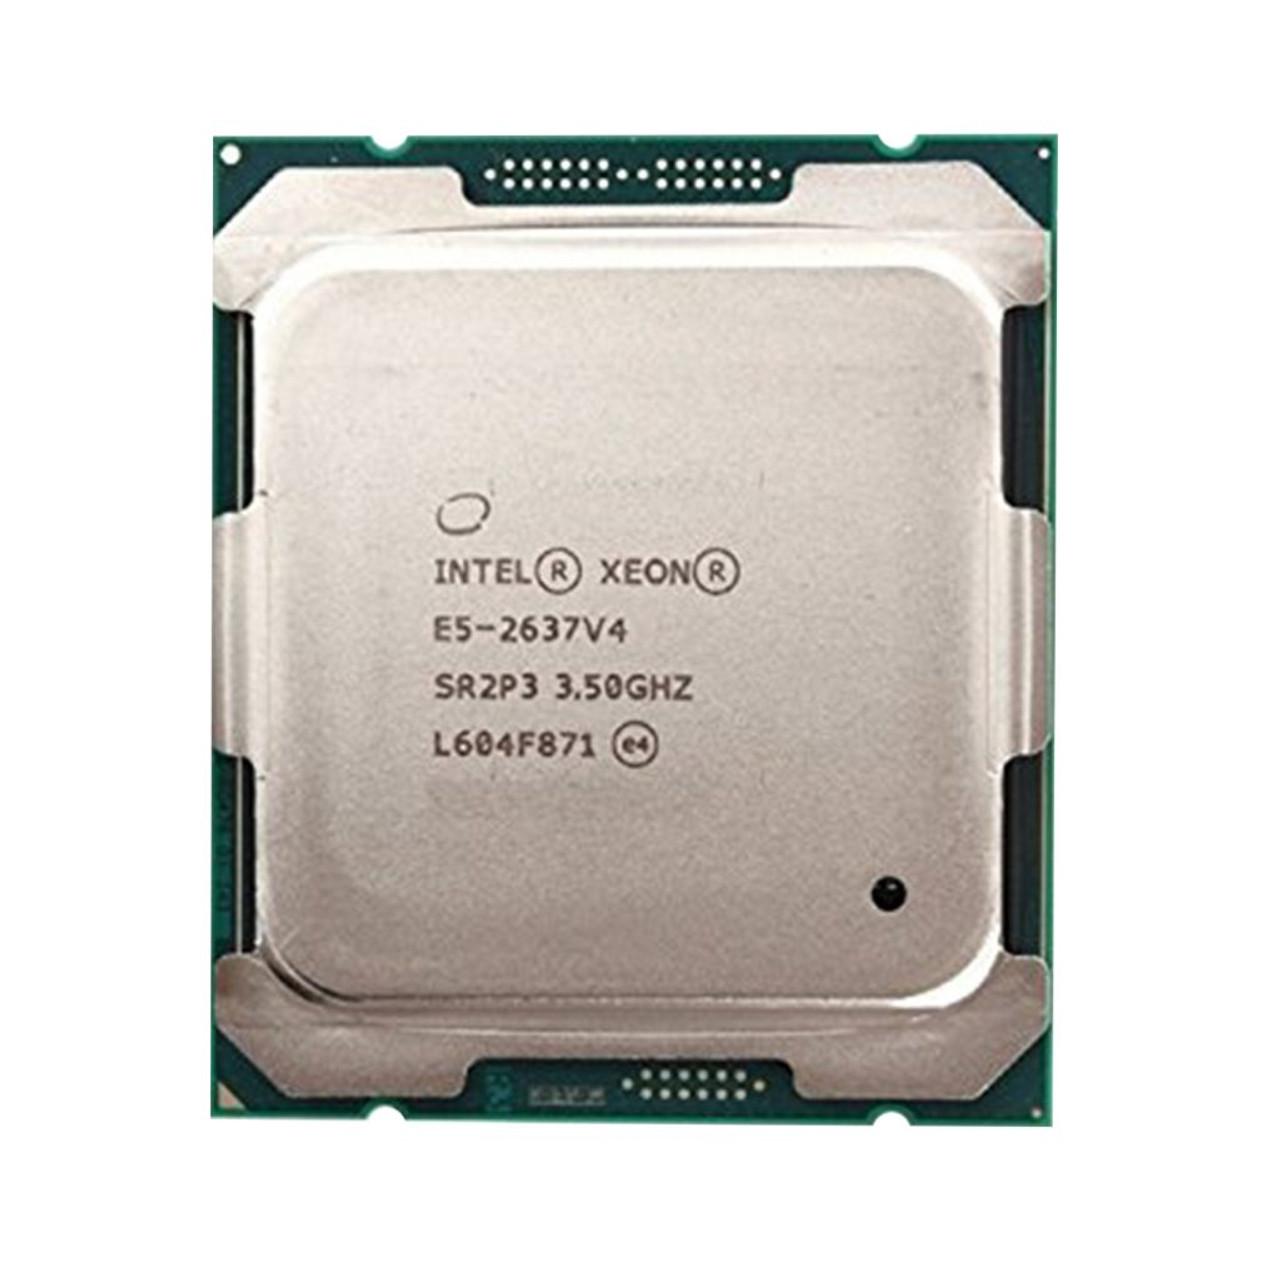 Intel SR2P3 Xeon E5-2637 V4 3.5Ghz 15MB QC Processor